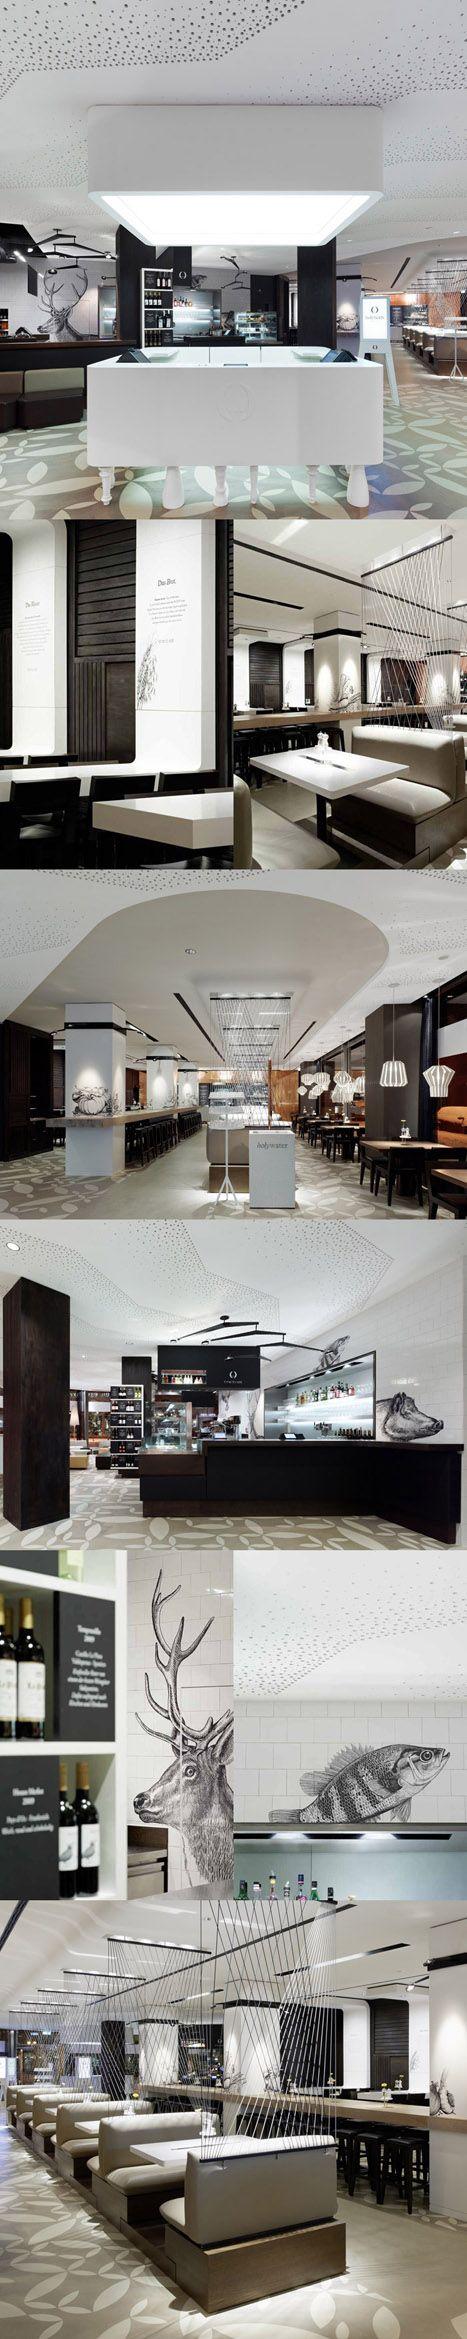 117 best Hostelería images on Pinterest   Restaurant design, Cafe ...